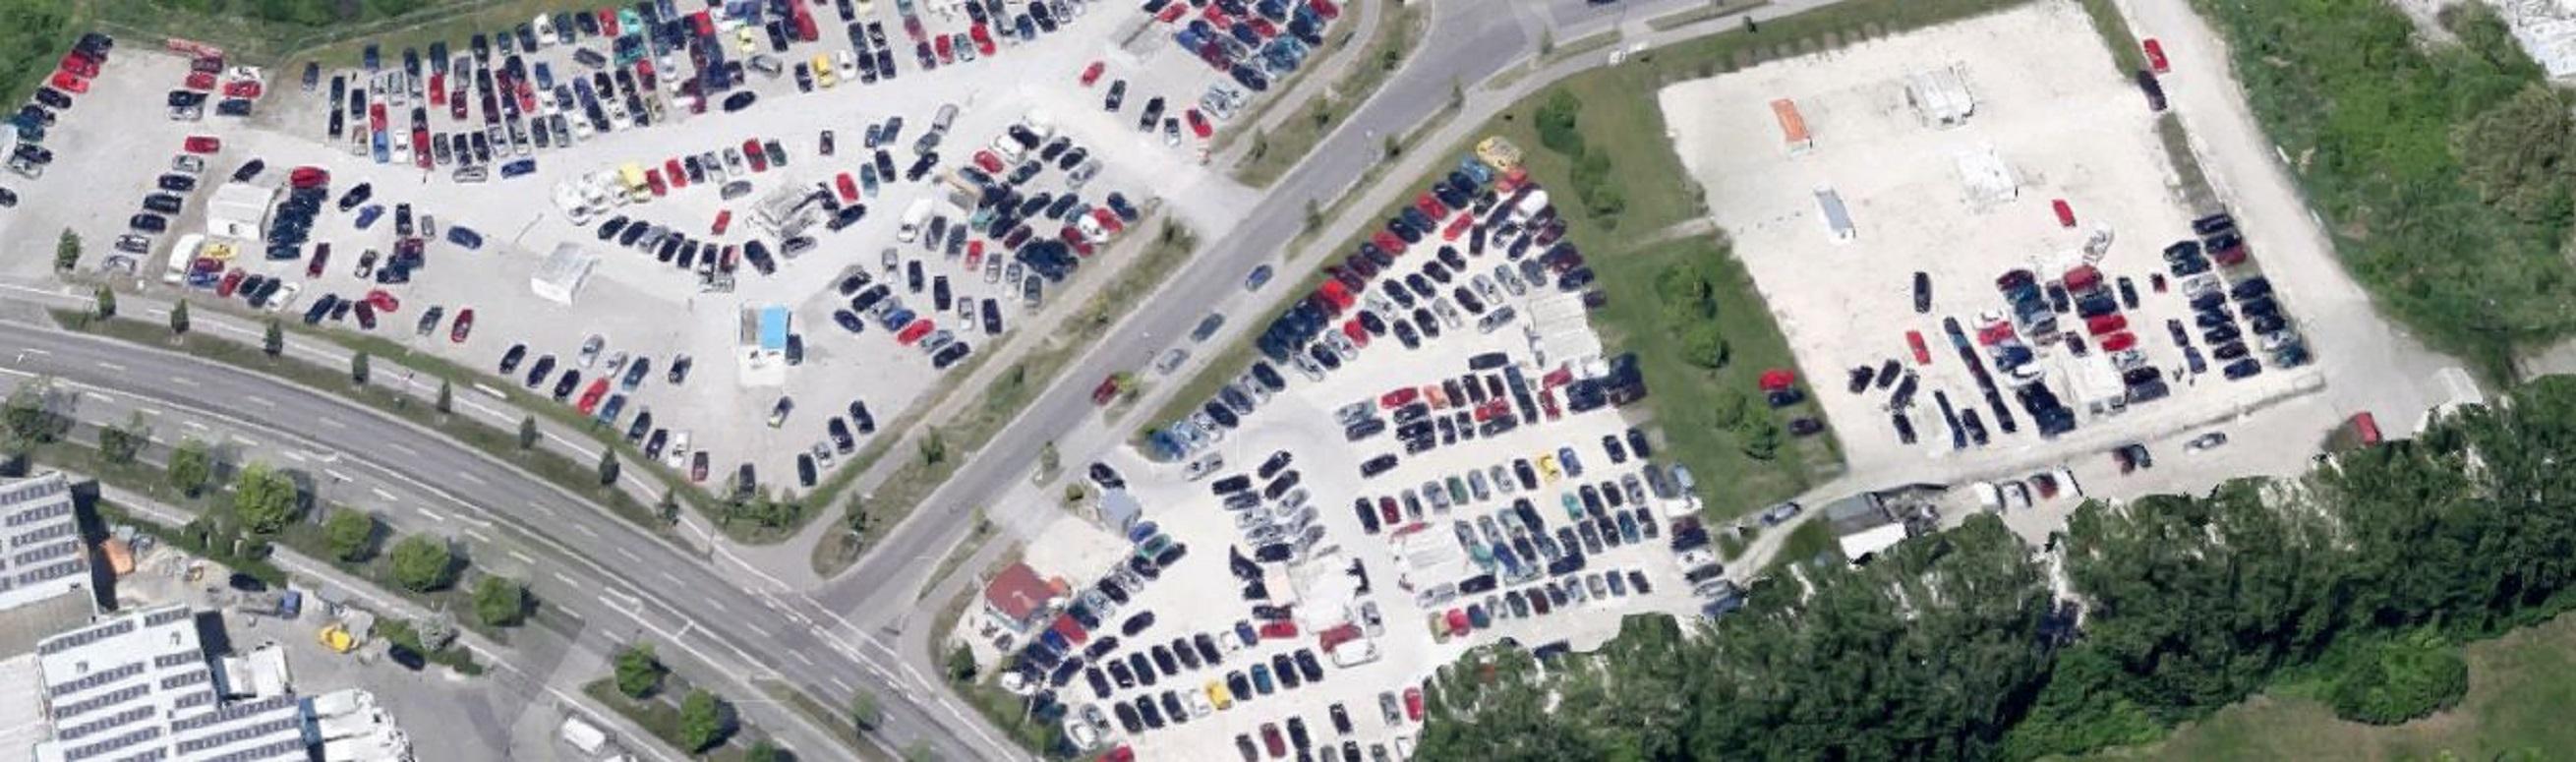 Autohandelsplätze